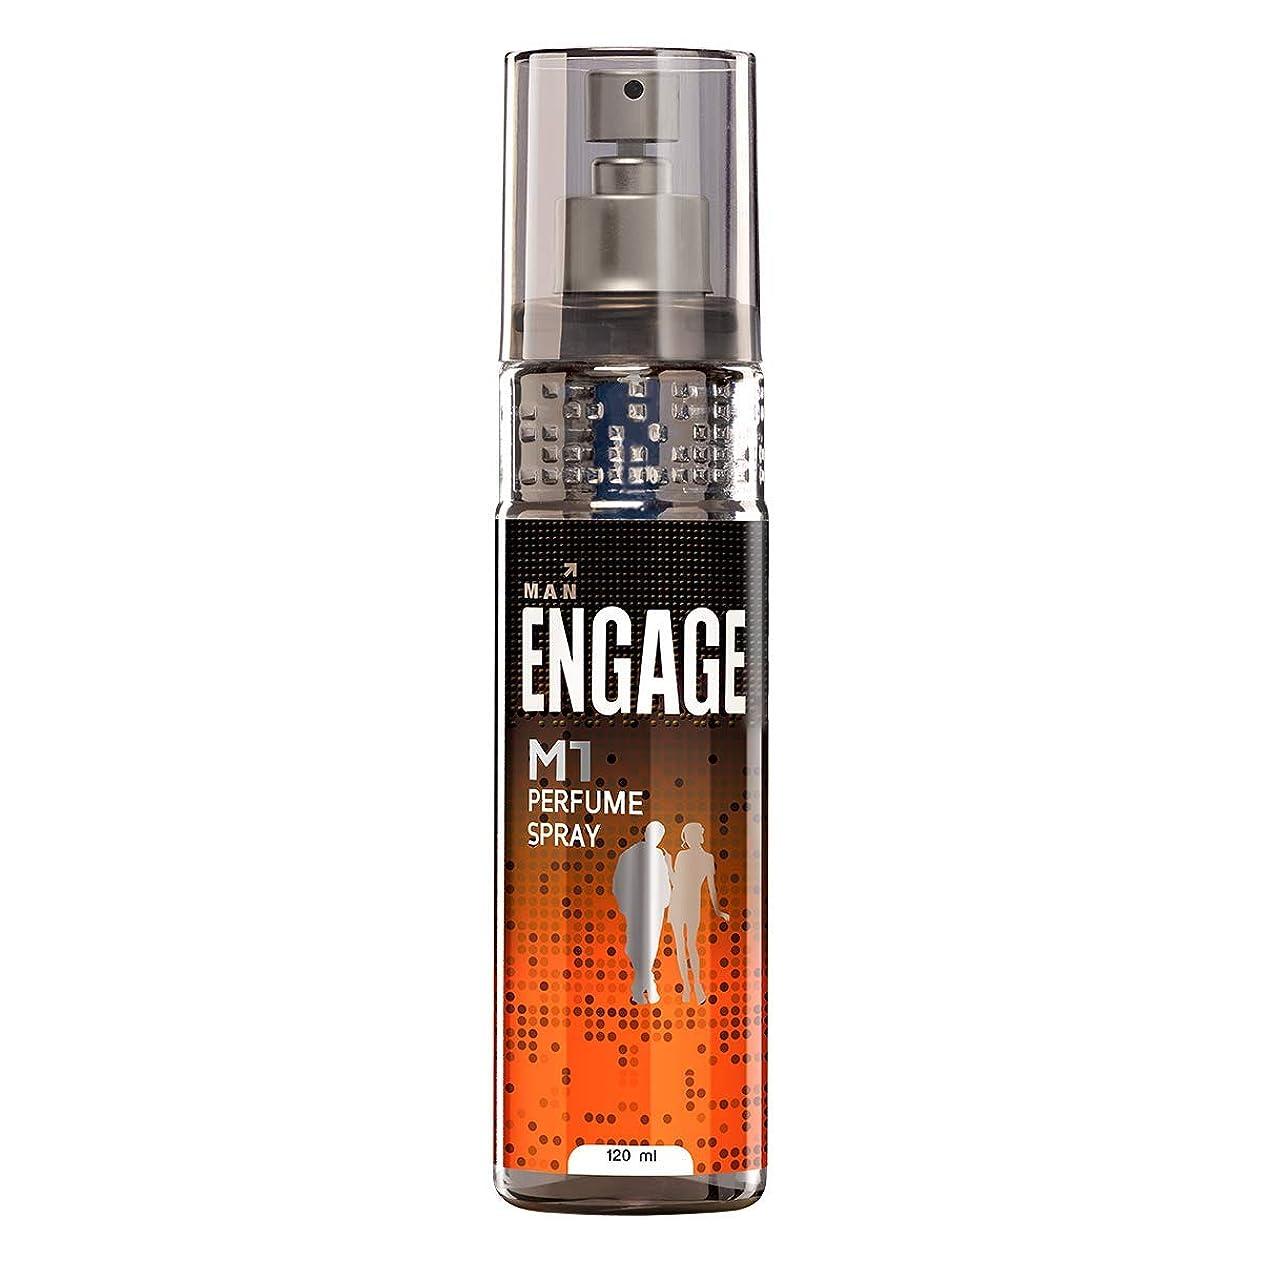 カナダ減少協力Engage M1 Perfume Spray For Men, 120ml